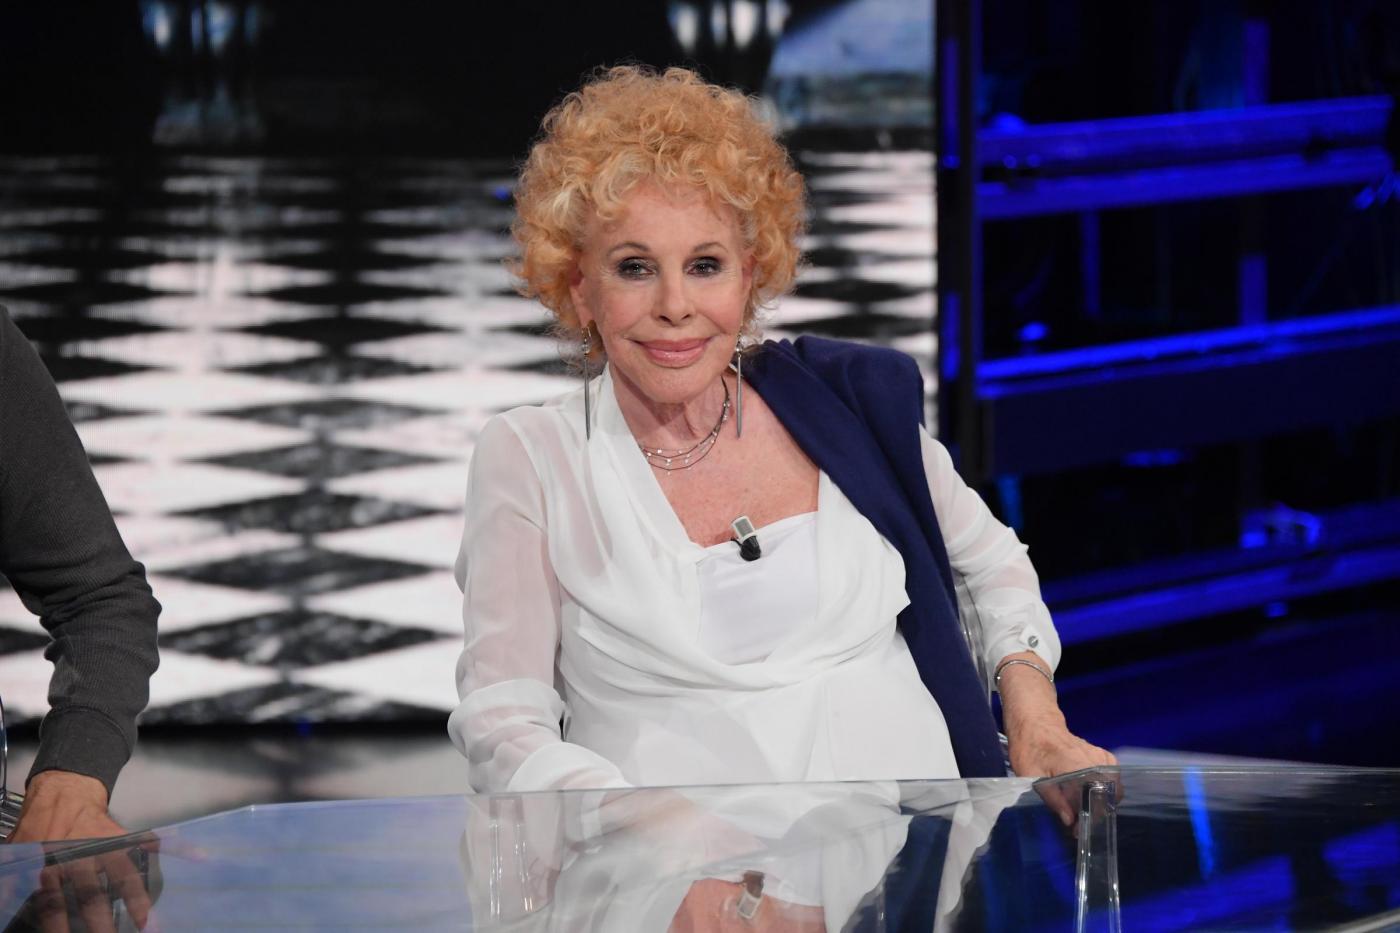 Ornella Vanoni sgrida Pippo Baudo e smette di cantare 'Ogni volta' di Vasco Rossi